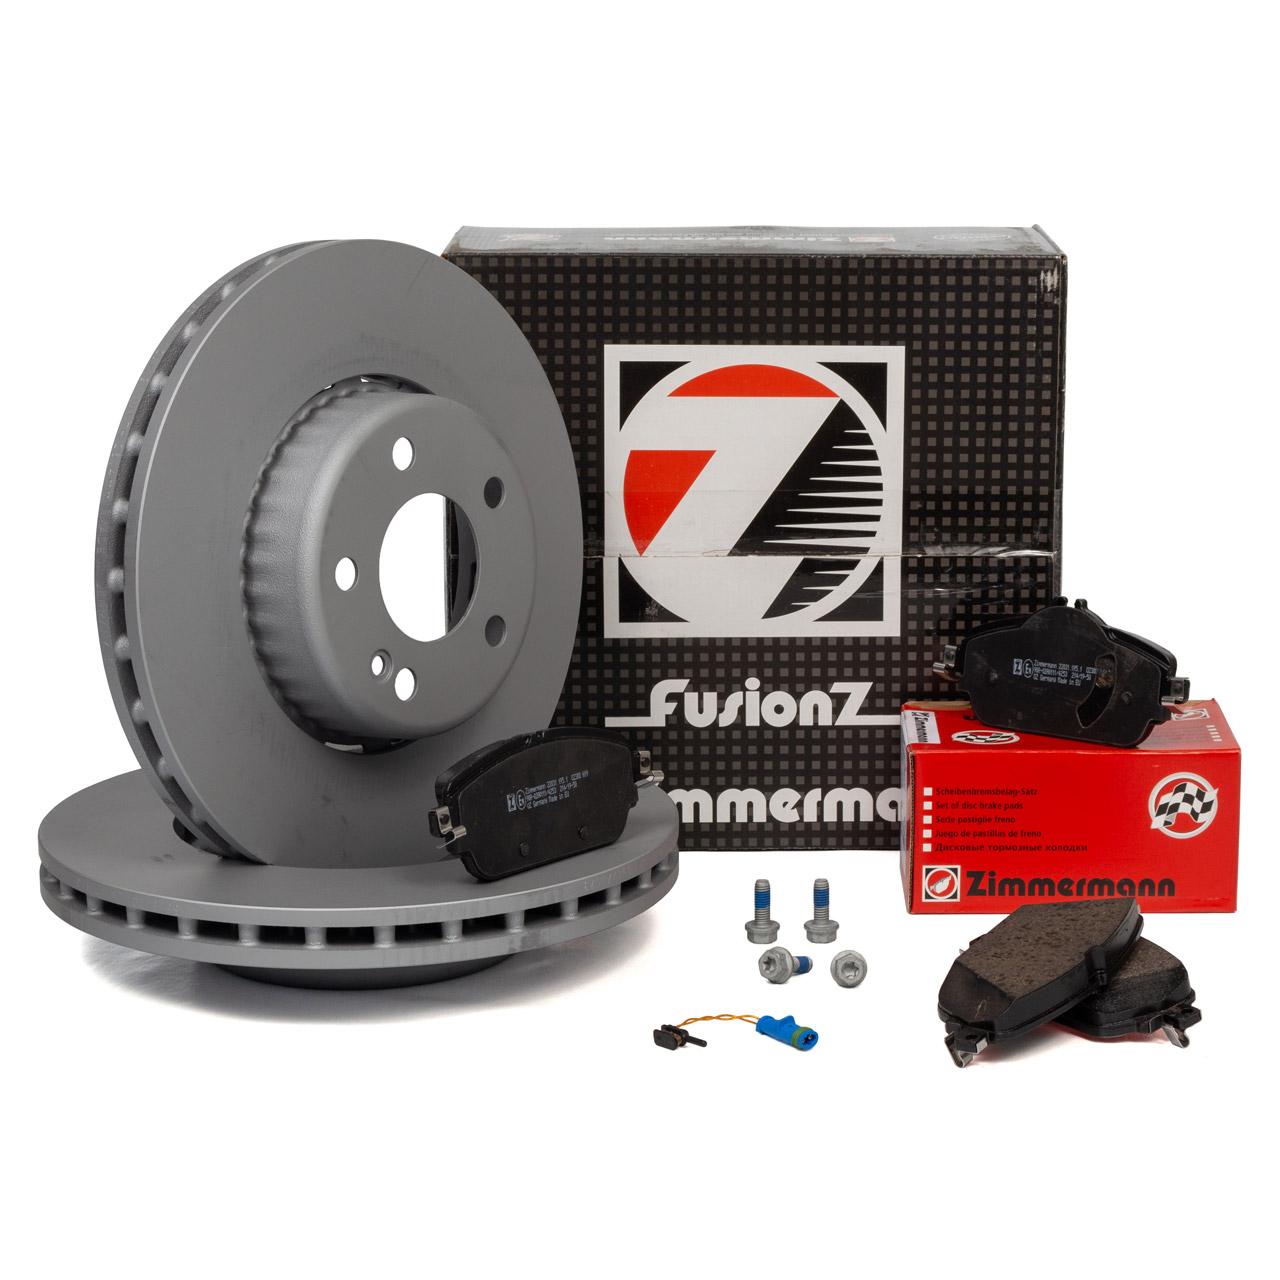 Zimmermann FORMULA S Bremsscheiben + Beläge + Wako MERCEDES W205 S205 W213 S213 vorne